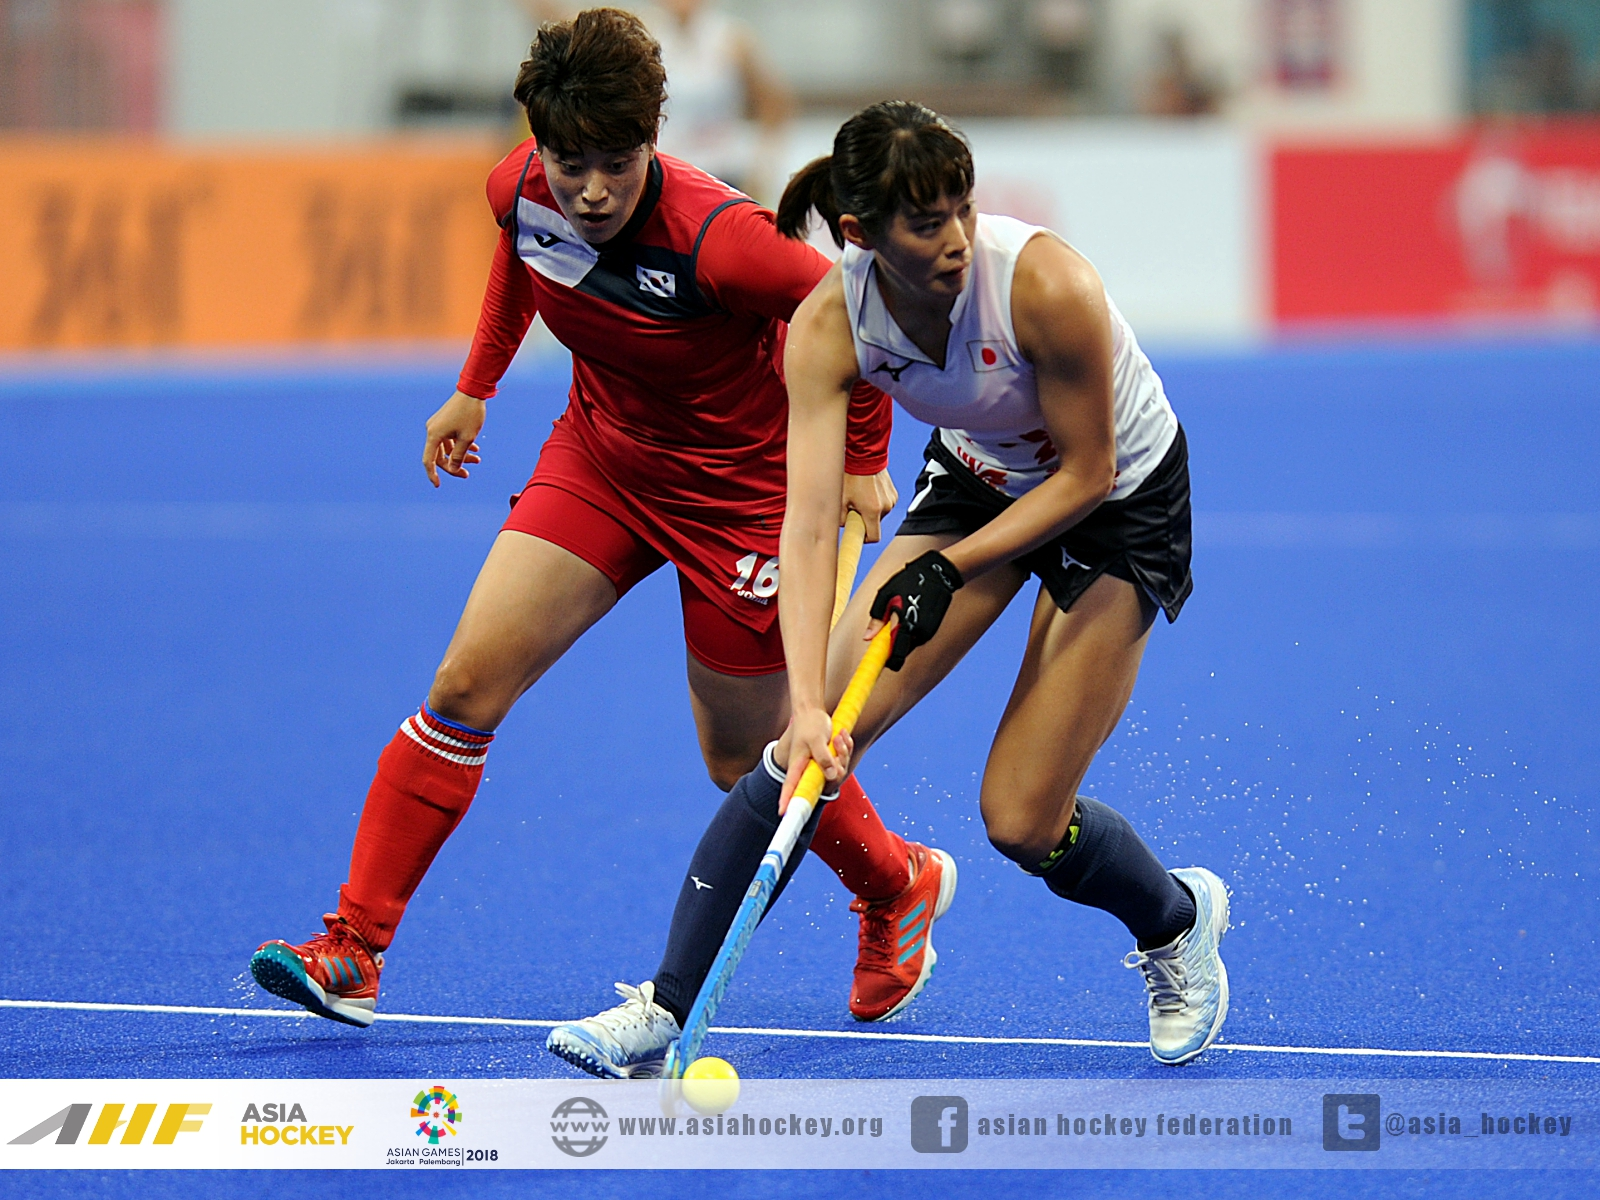 アジア大会準決勝の韓国戦での小野真由美選手。出典元:http://www.asiahockey.org/news/day-11/